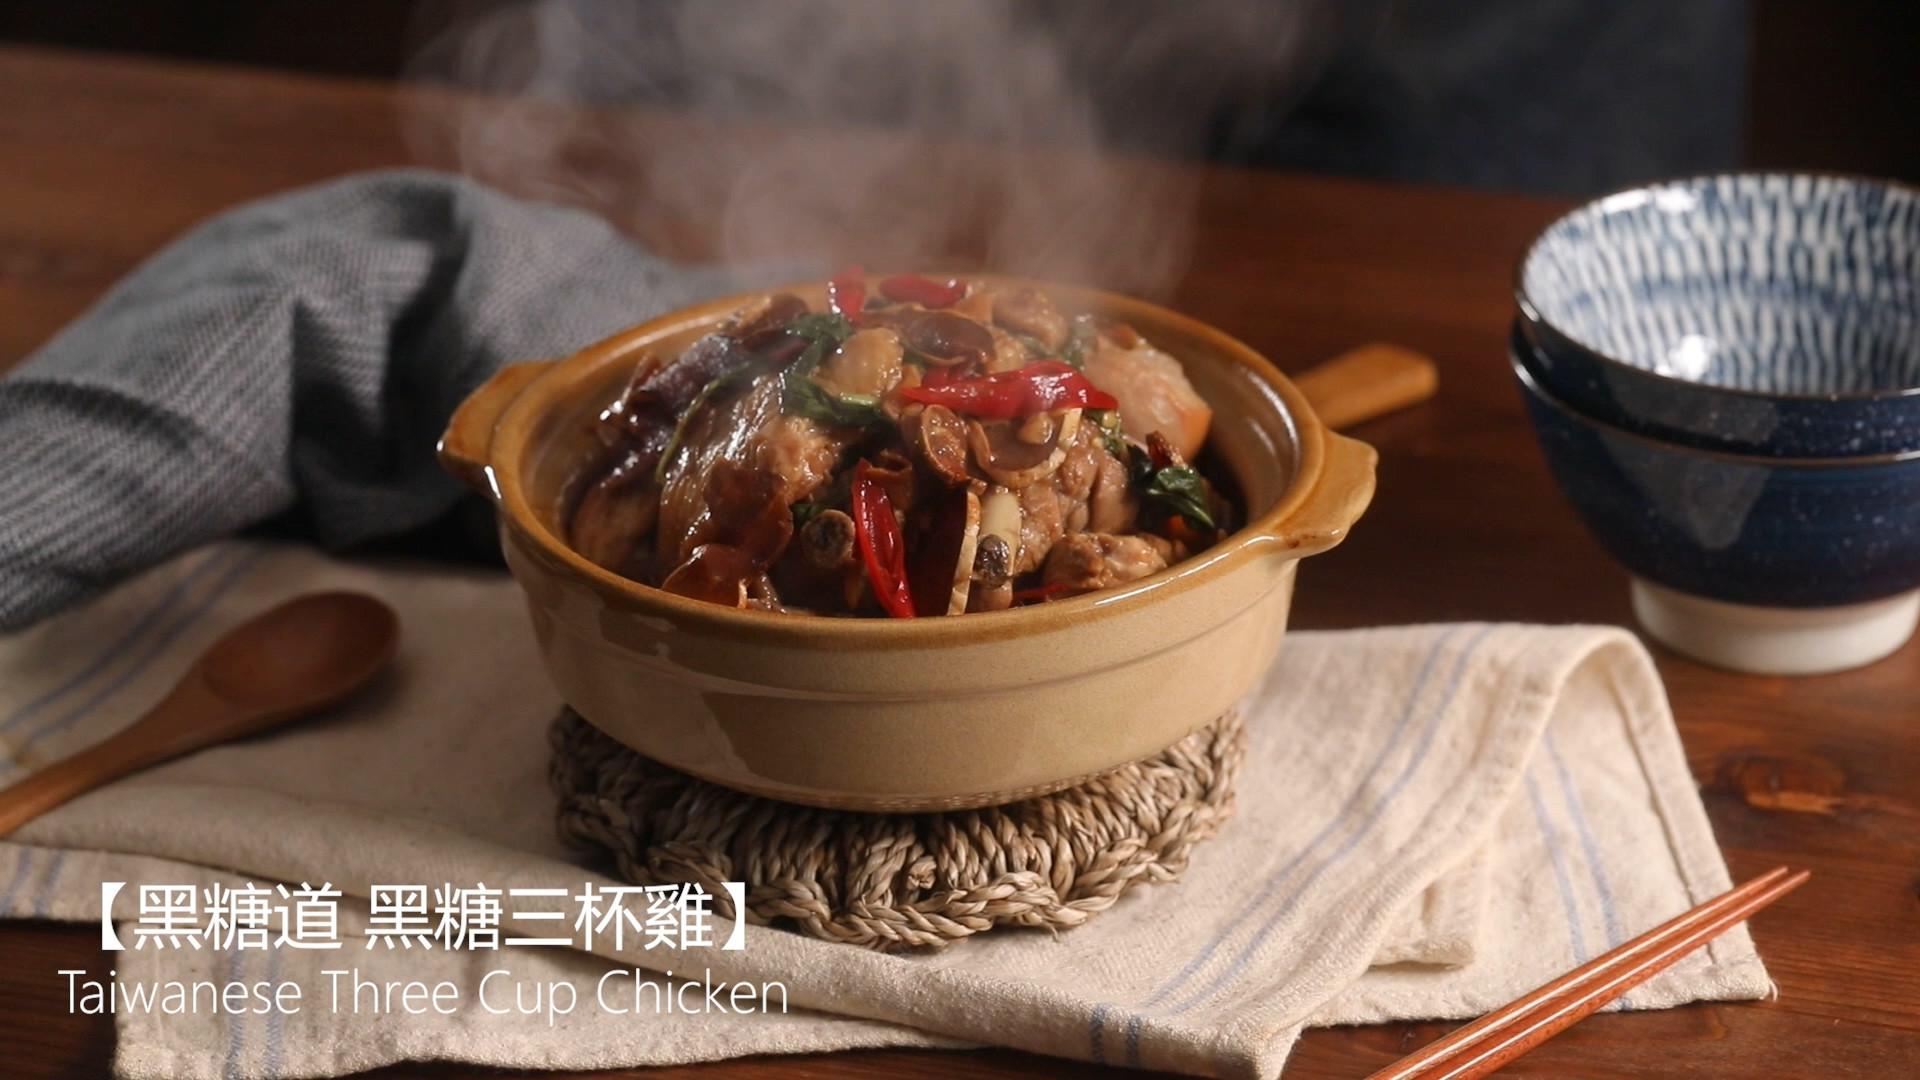 【影音】砂鍋 黑糖三杯雞